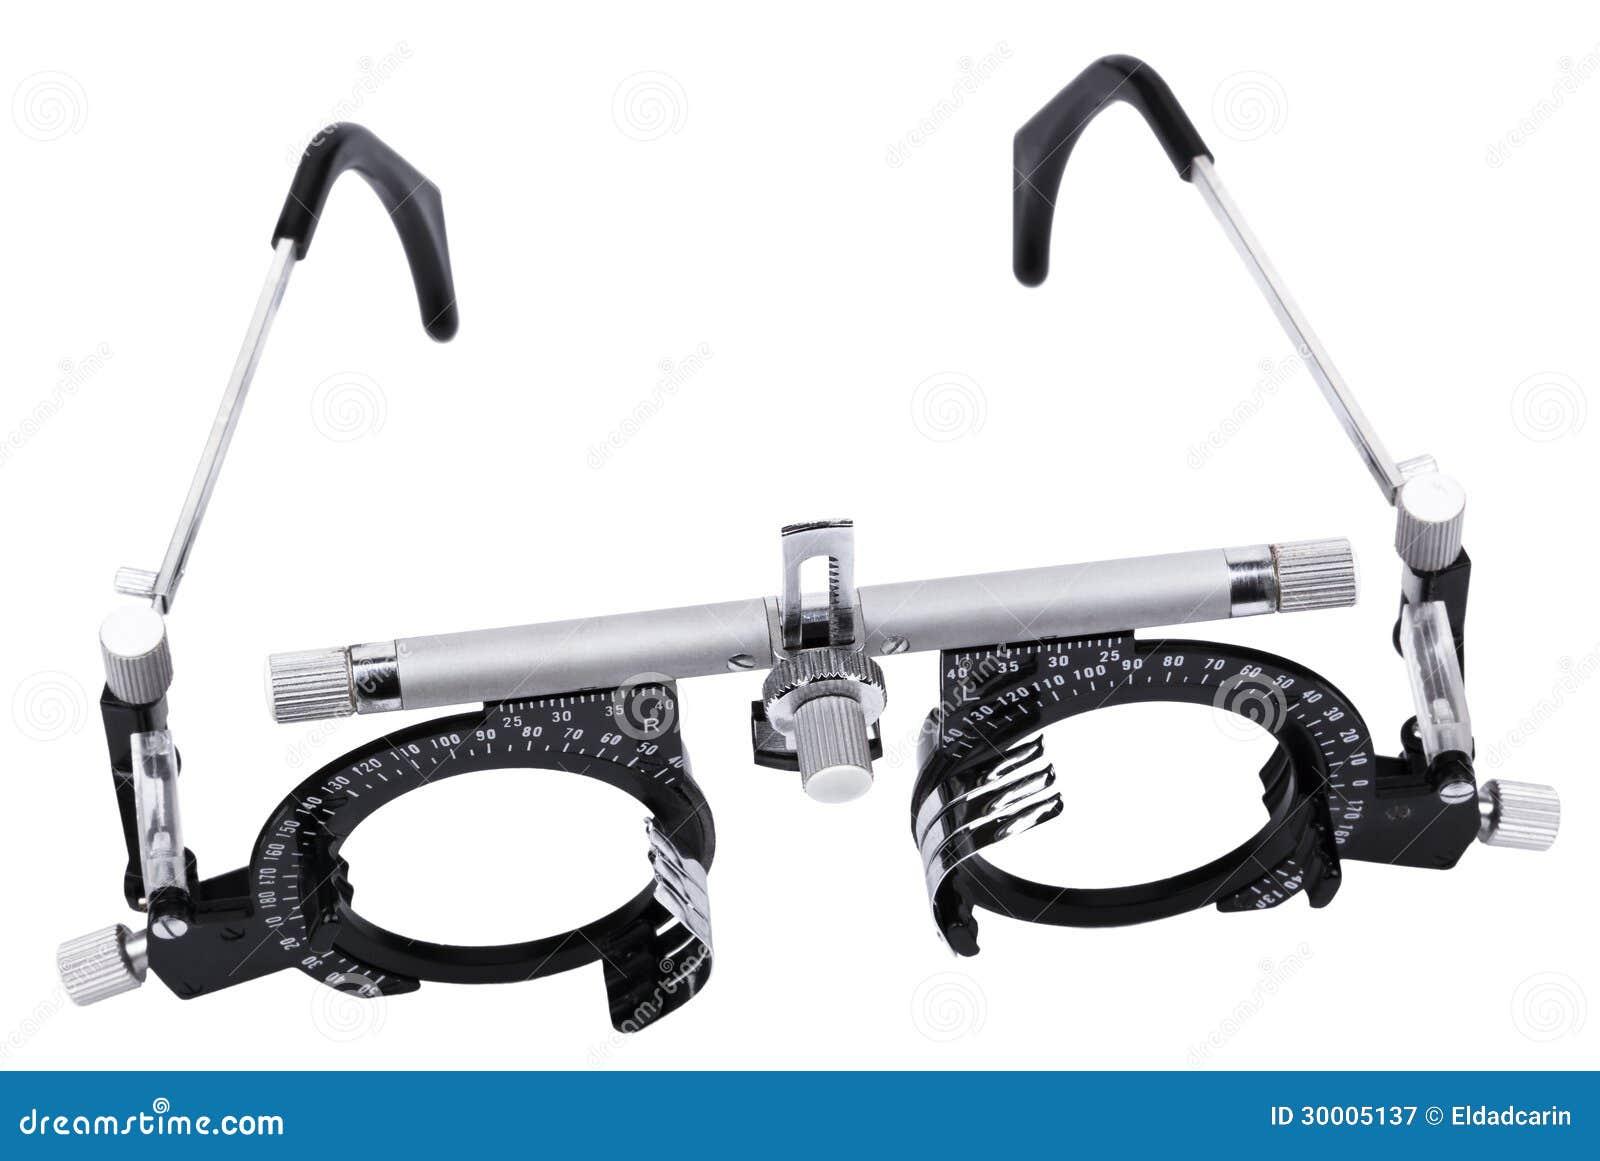 lunettes d 39 isolement d 39 essai de vue image stock image du m tal noir 30005137. Black Bedroom Furniture Sets. Home Design Ideas